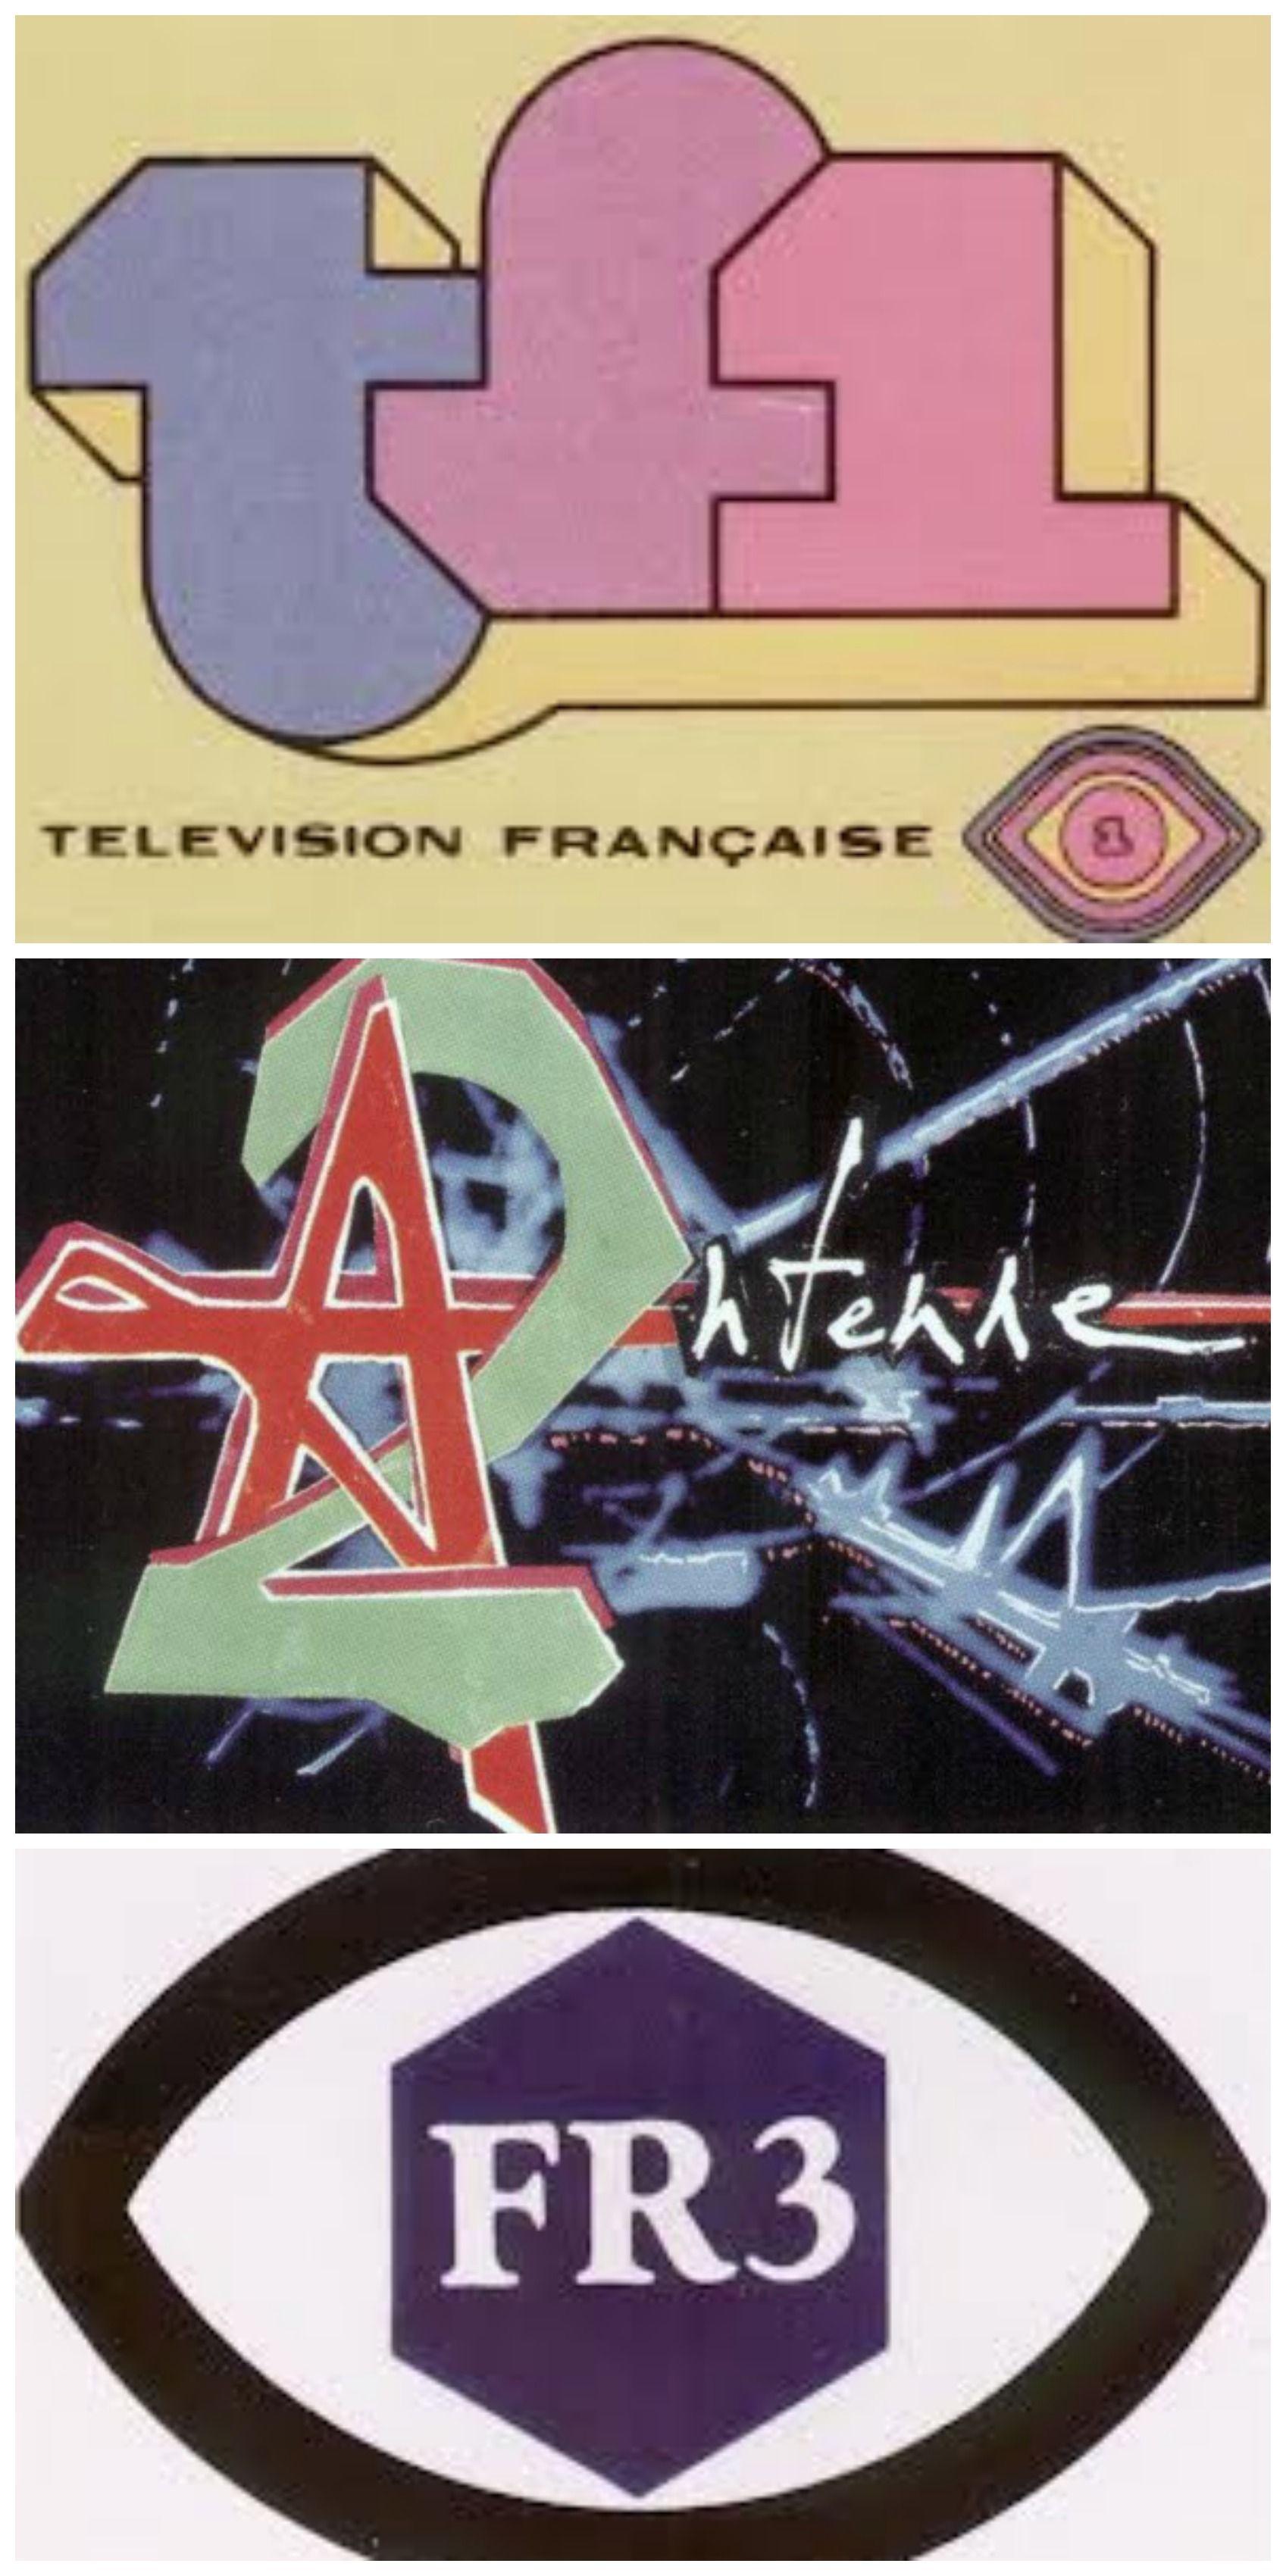 Les logos des 3 chaînes de télé françaises Années 70